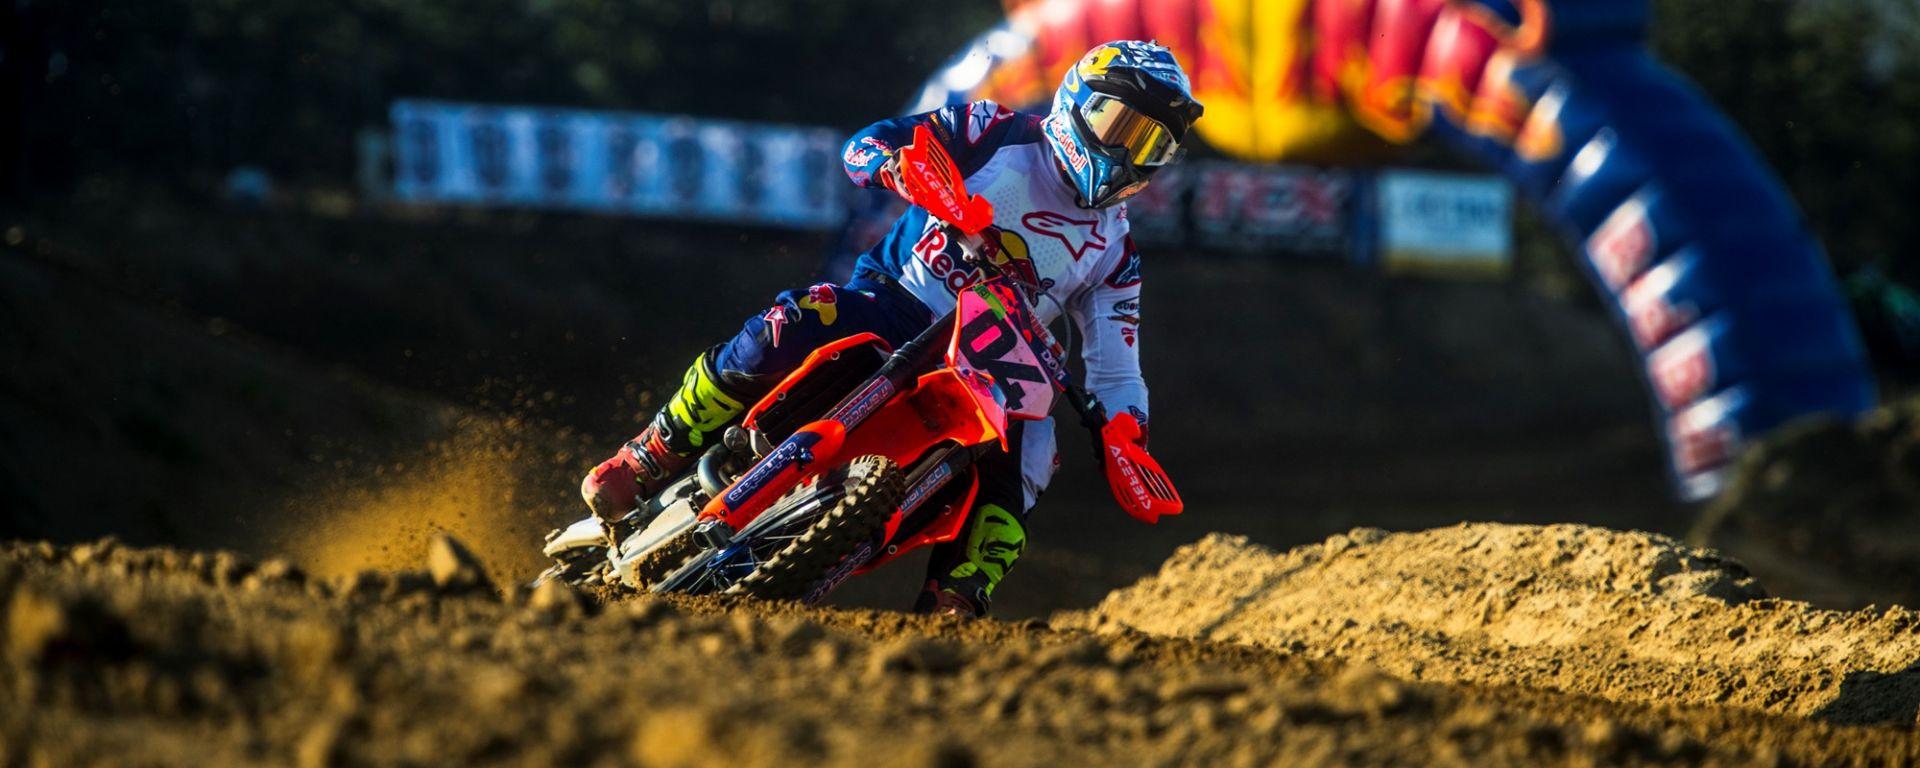 Dovi Off Track, la passione di Dovizioso per il Motocross